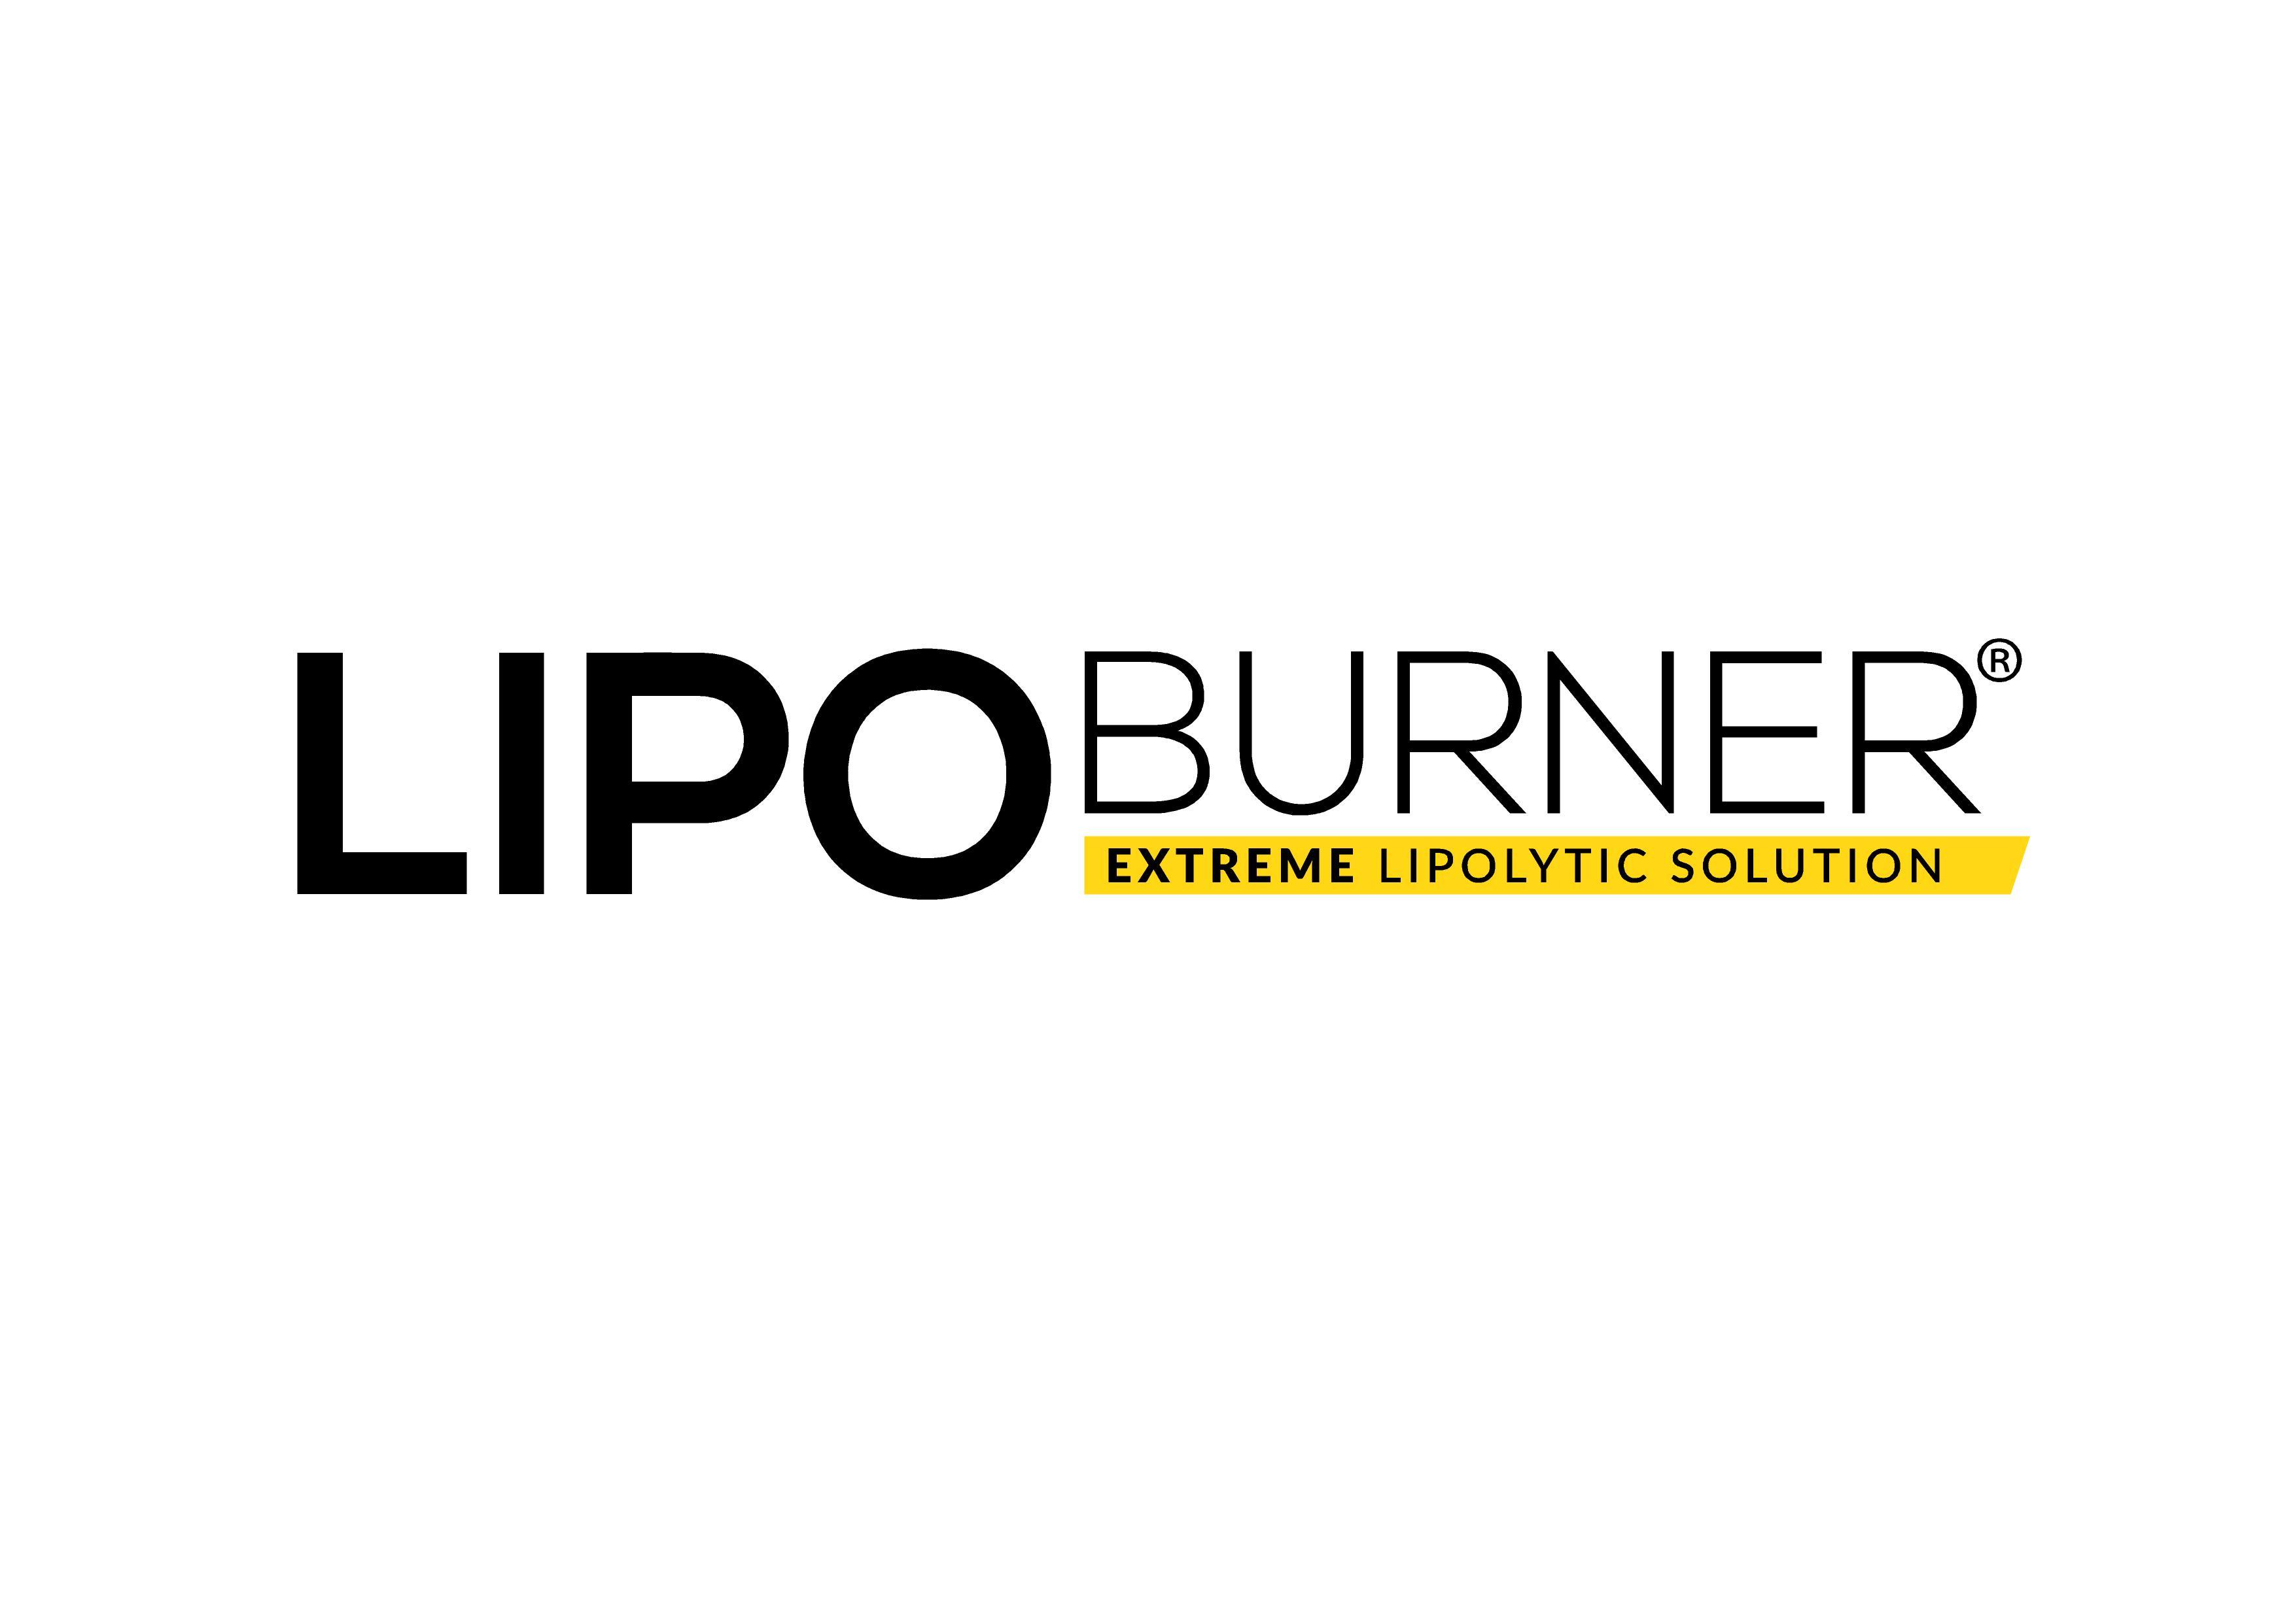 Lipoburner